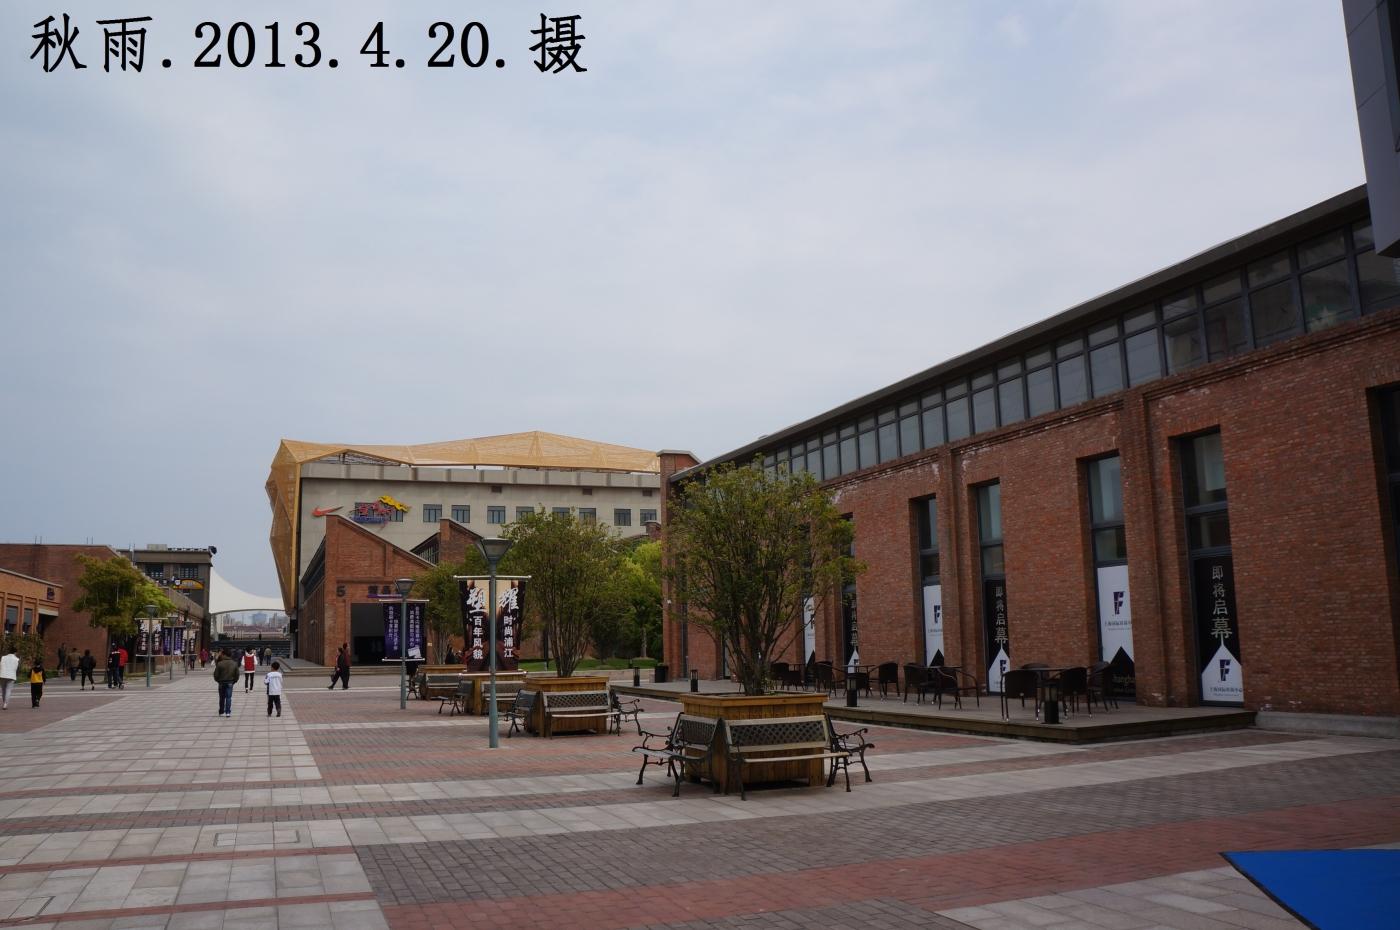 上海国际时尚中心,原国棉十七厂旧址(1),修旧如旧。摄影原创。 ..._图1-15